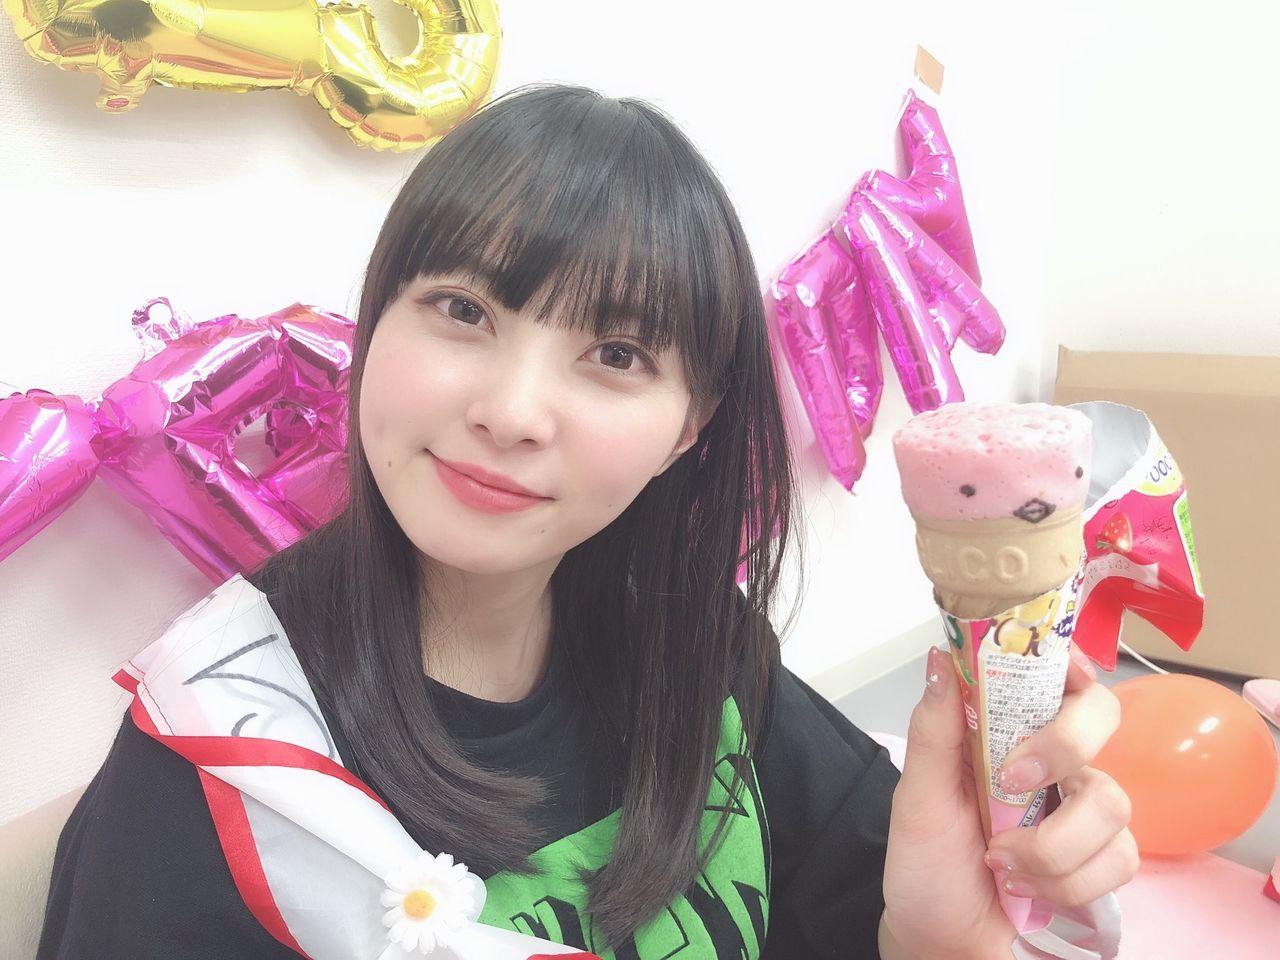 【SHOWROOM】堀詩音「#しおんチャレンジ 2019」無事完走!視聴数16万4千人超え!